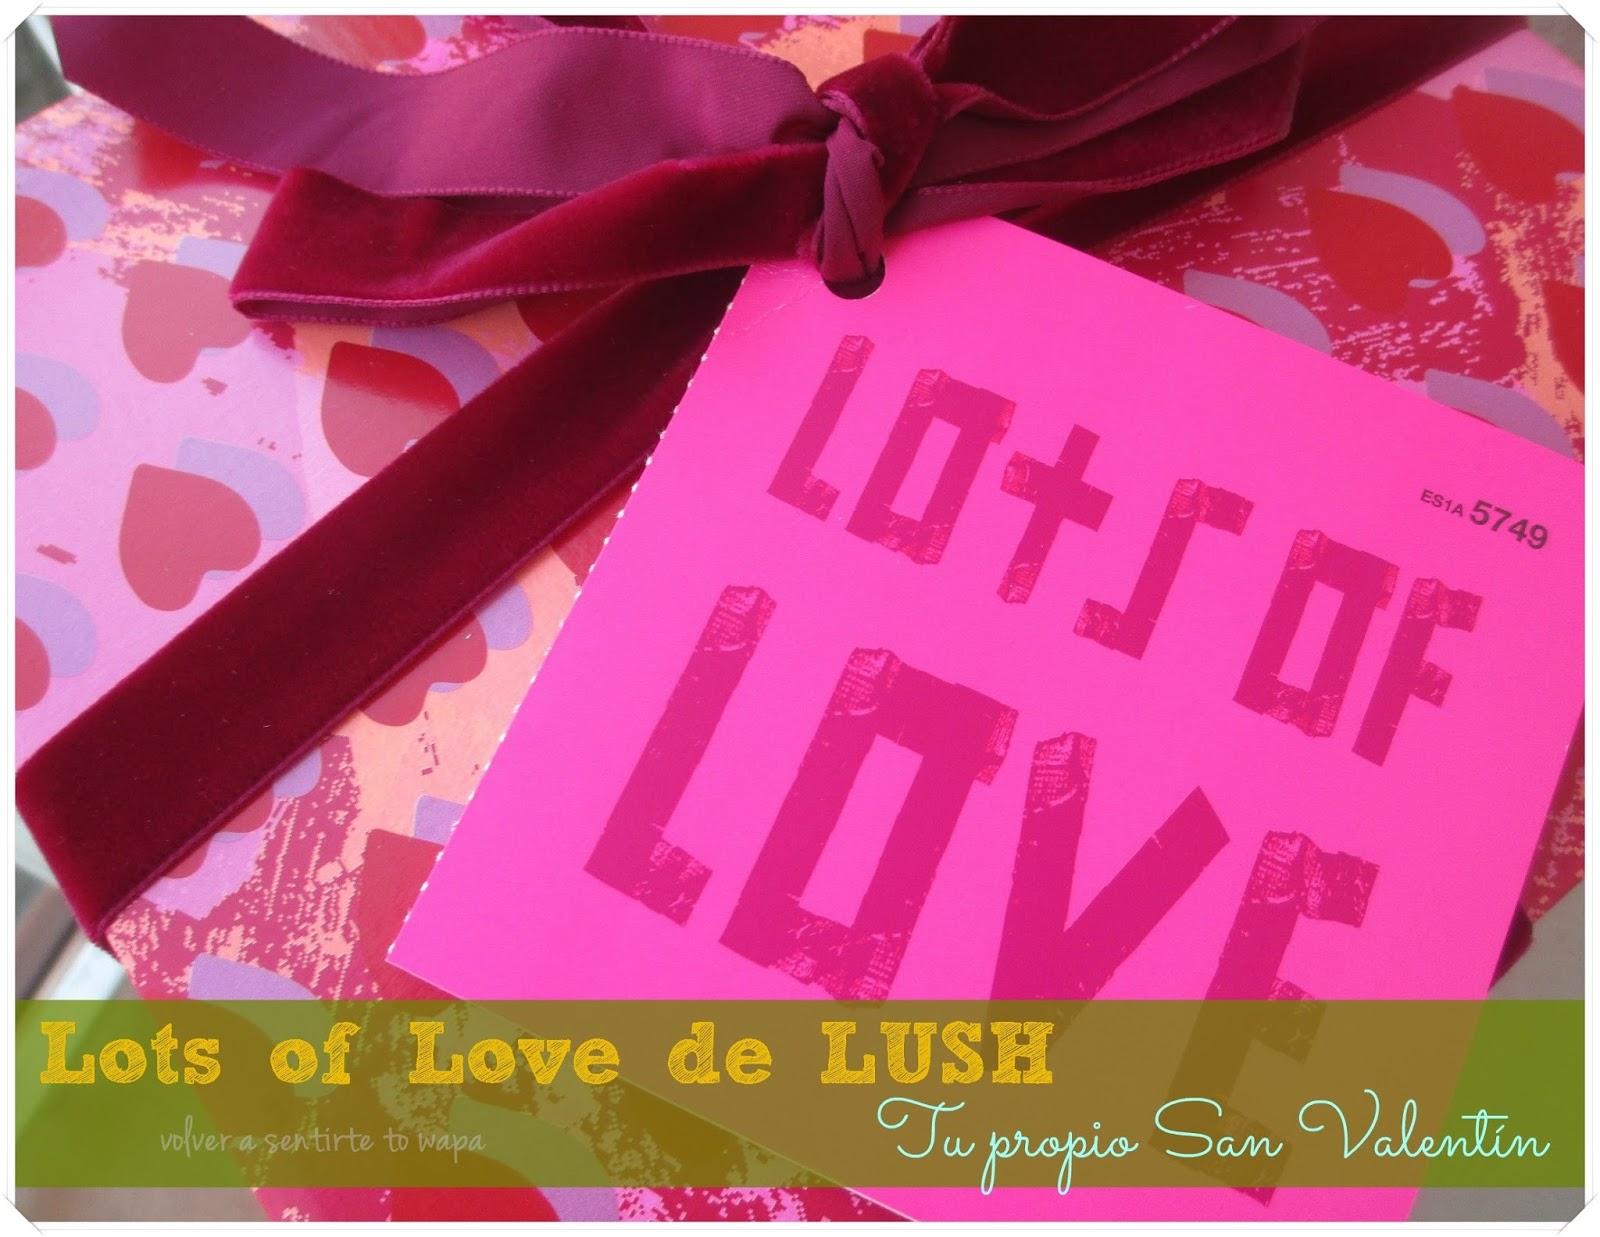 LOTS OF LOVE 'tu propio San Valentín' de LUSH